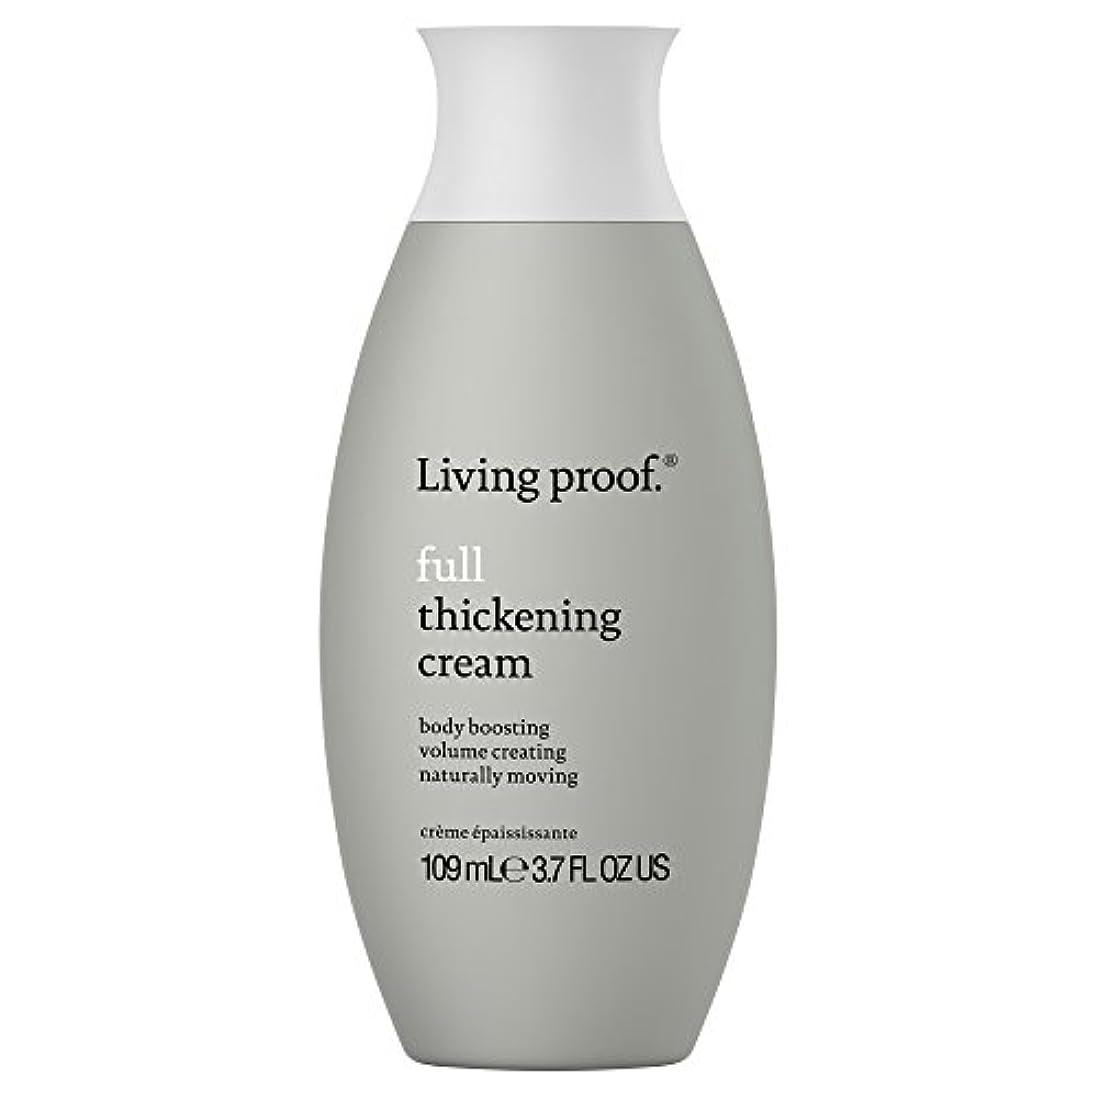 サンドイッチ不透明なガイダンス生きている証拠フル肥厚クリーム109ミリリットル (Living Proof) (x2) - Living Proof Full Thickening Cream 109ml (Pack of 2) [並行輸入品]